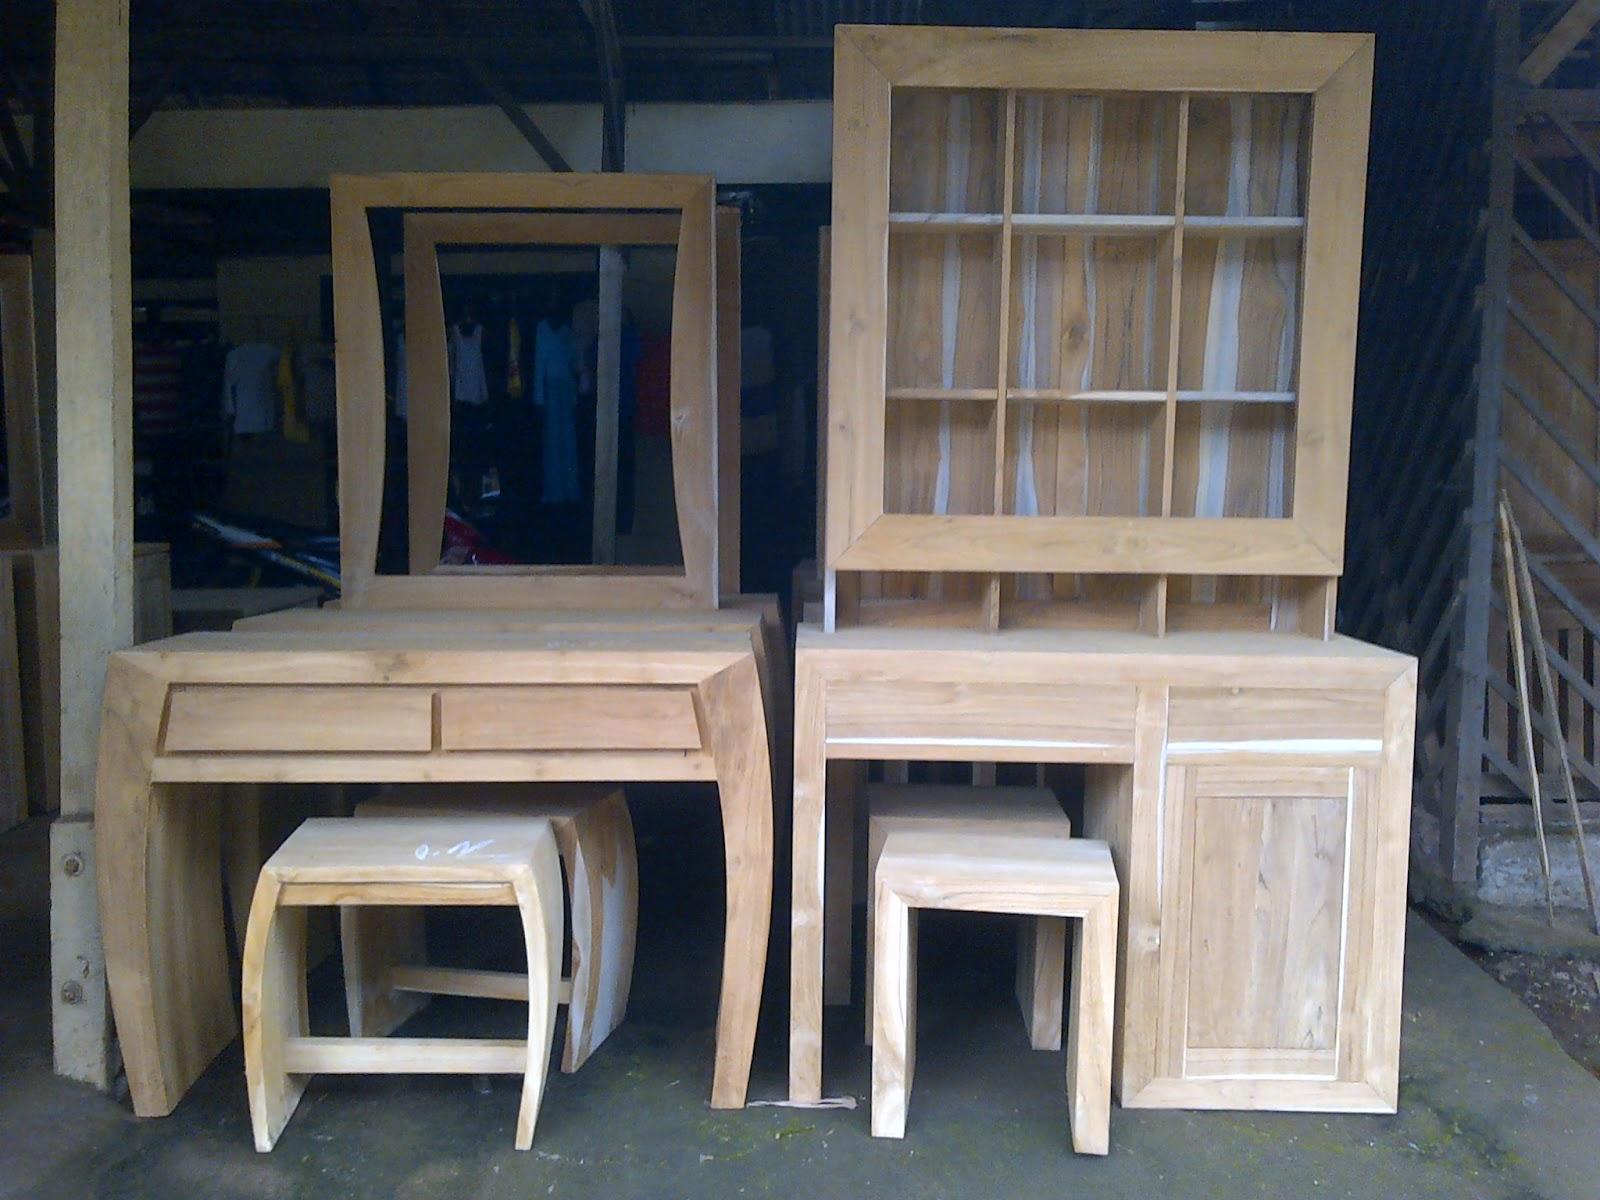 Furniture Asli Jepara: Furniture Jepara Minimalis